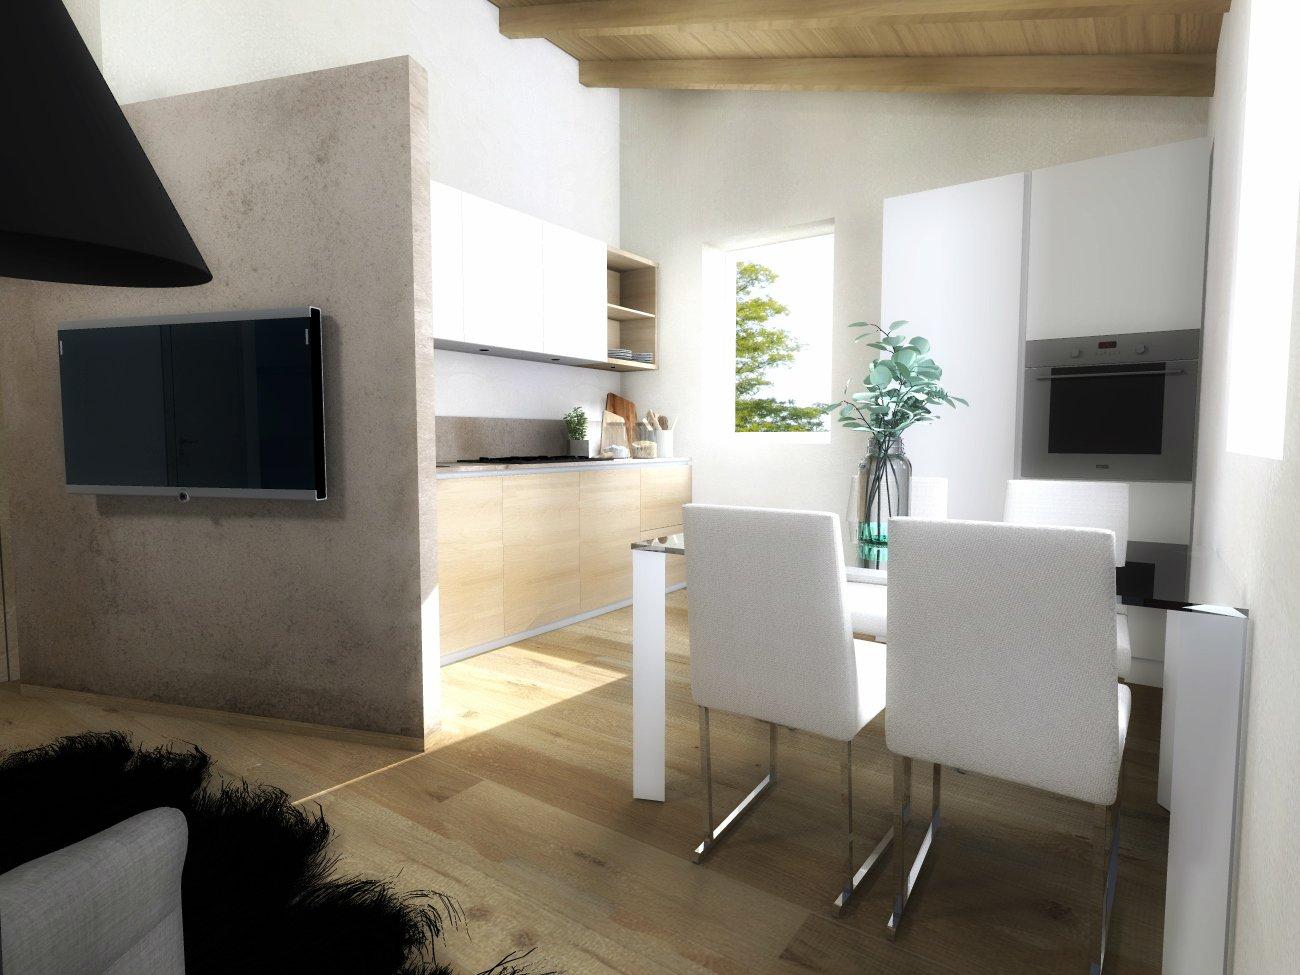 Soggiorno cucina piccolo come lo risolvo guarda il - Mobili cartongesso soggiorno ...